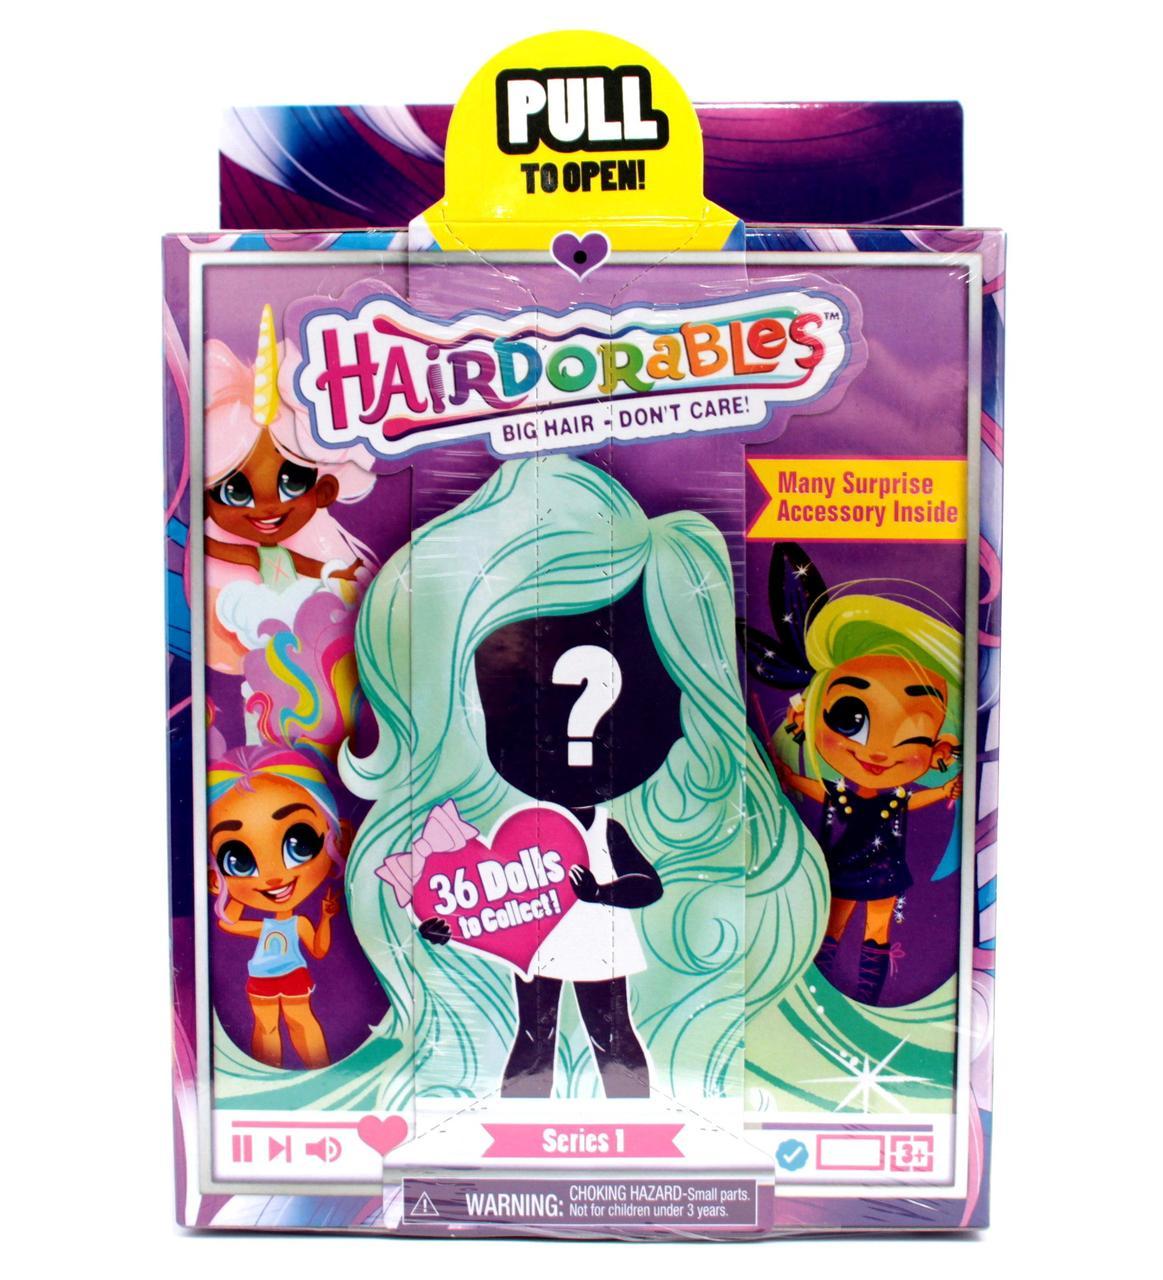 Коллекционная кукла Хэрдораблс первый сезон Hairdorables Dolls игровой набор-сюрприз (реплика)